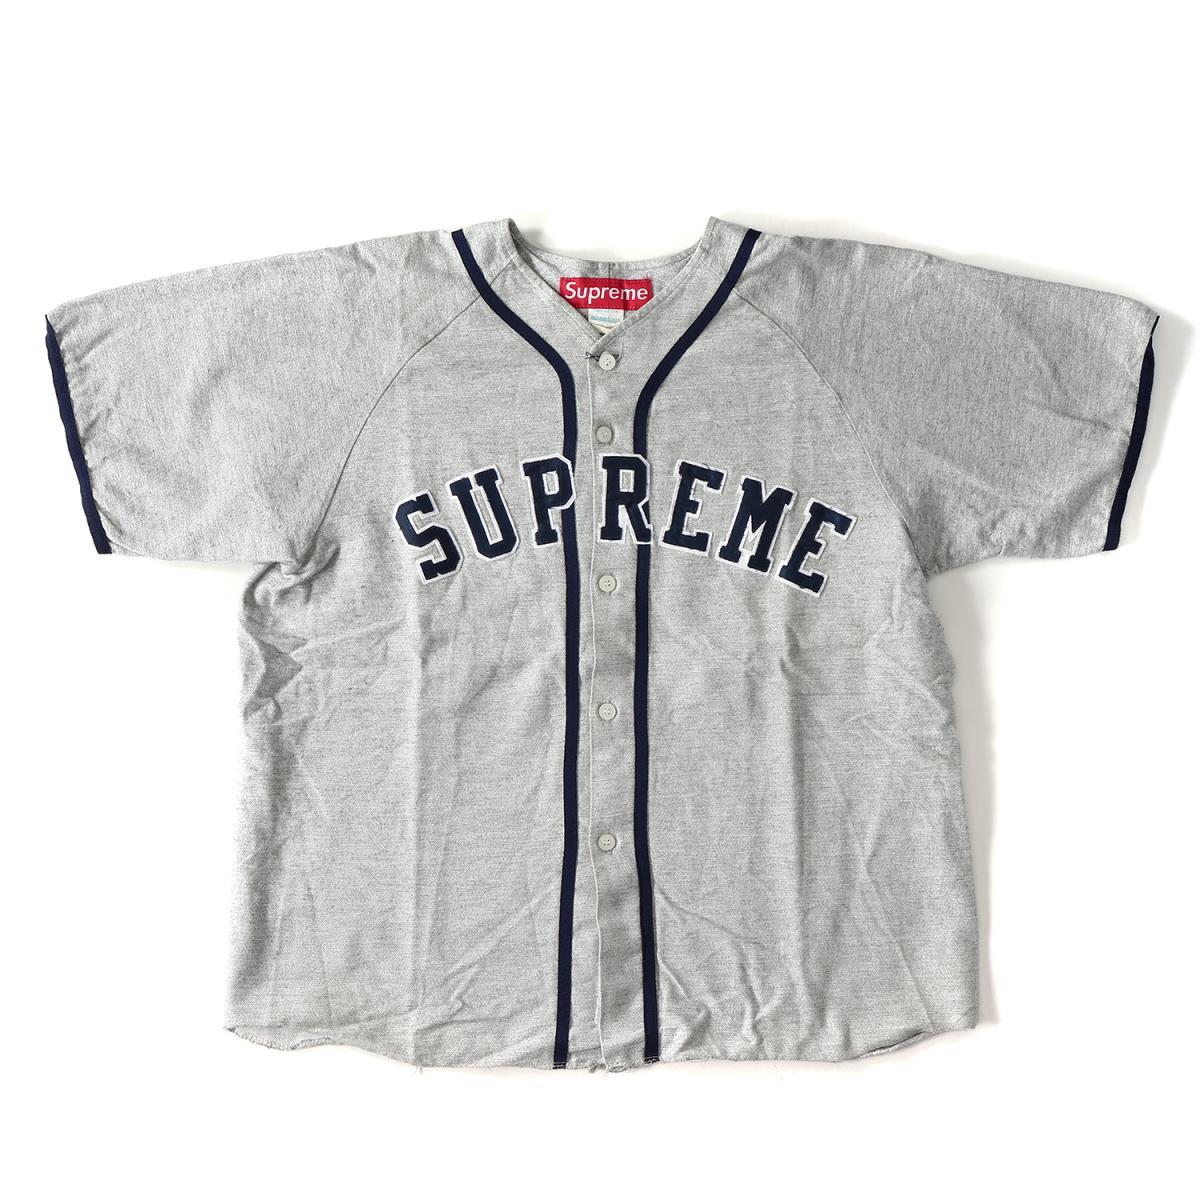 Supreme (シュプリーム) 90's アーチロゴベースボールシャツ グレー XL 【メンズ】【K2081】【中古】【あす楽☆対応可】